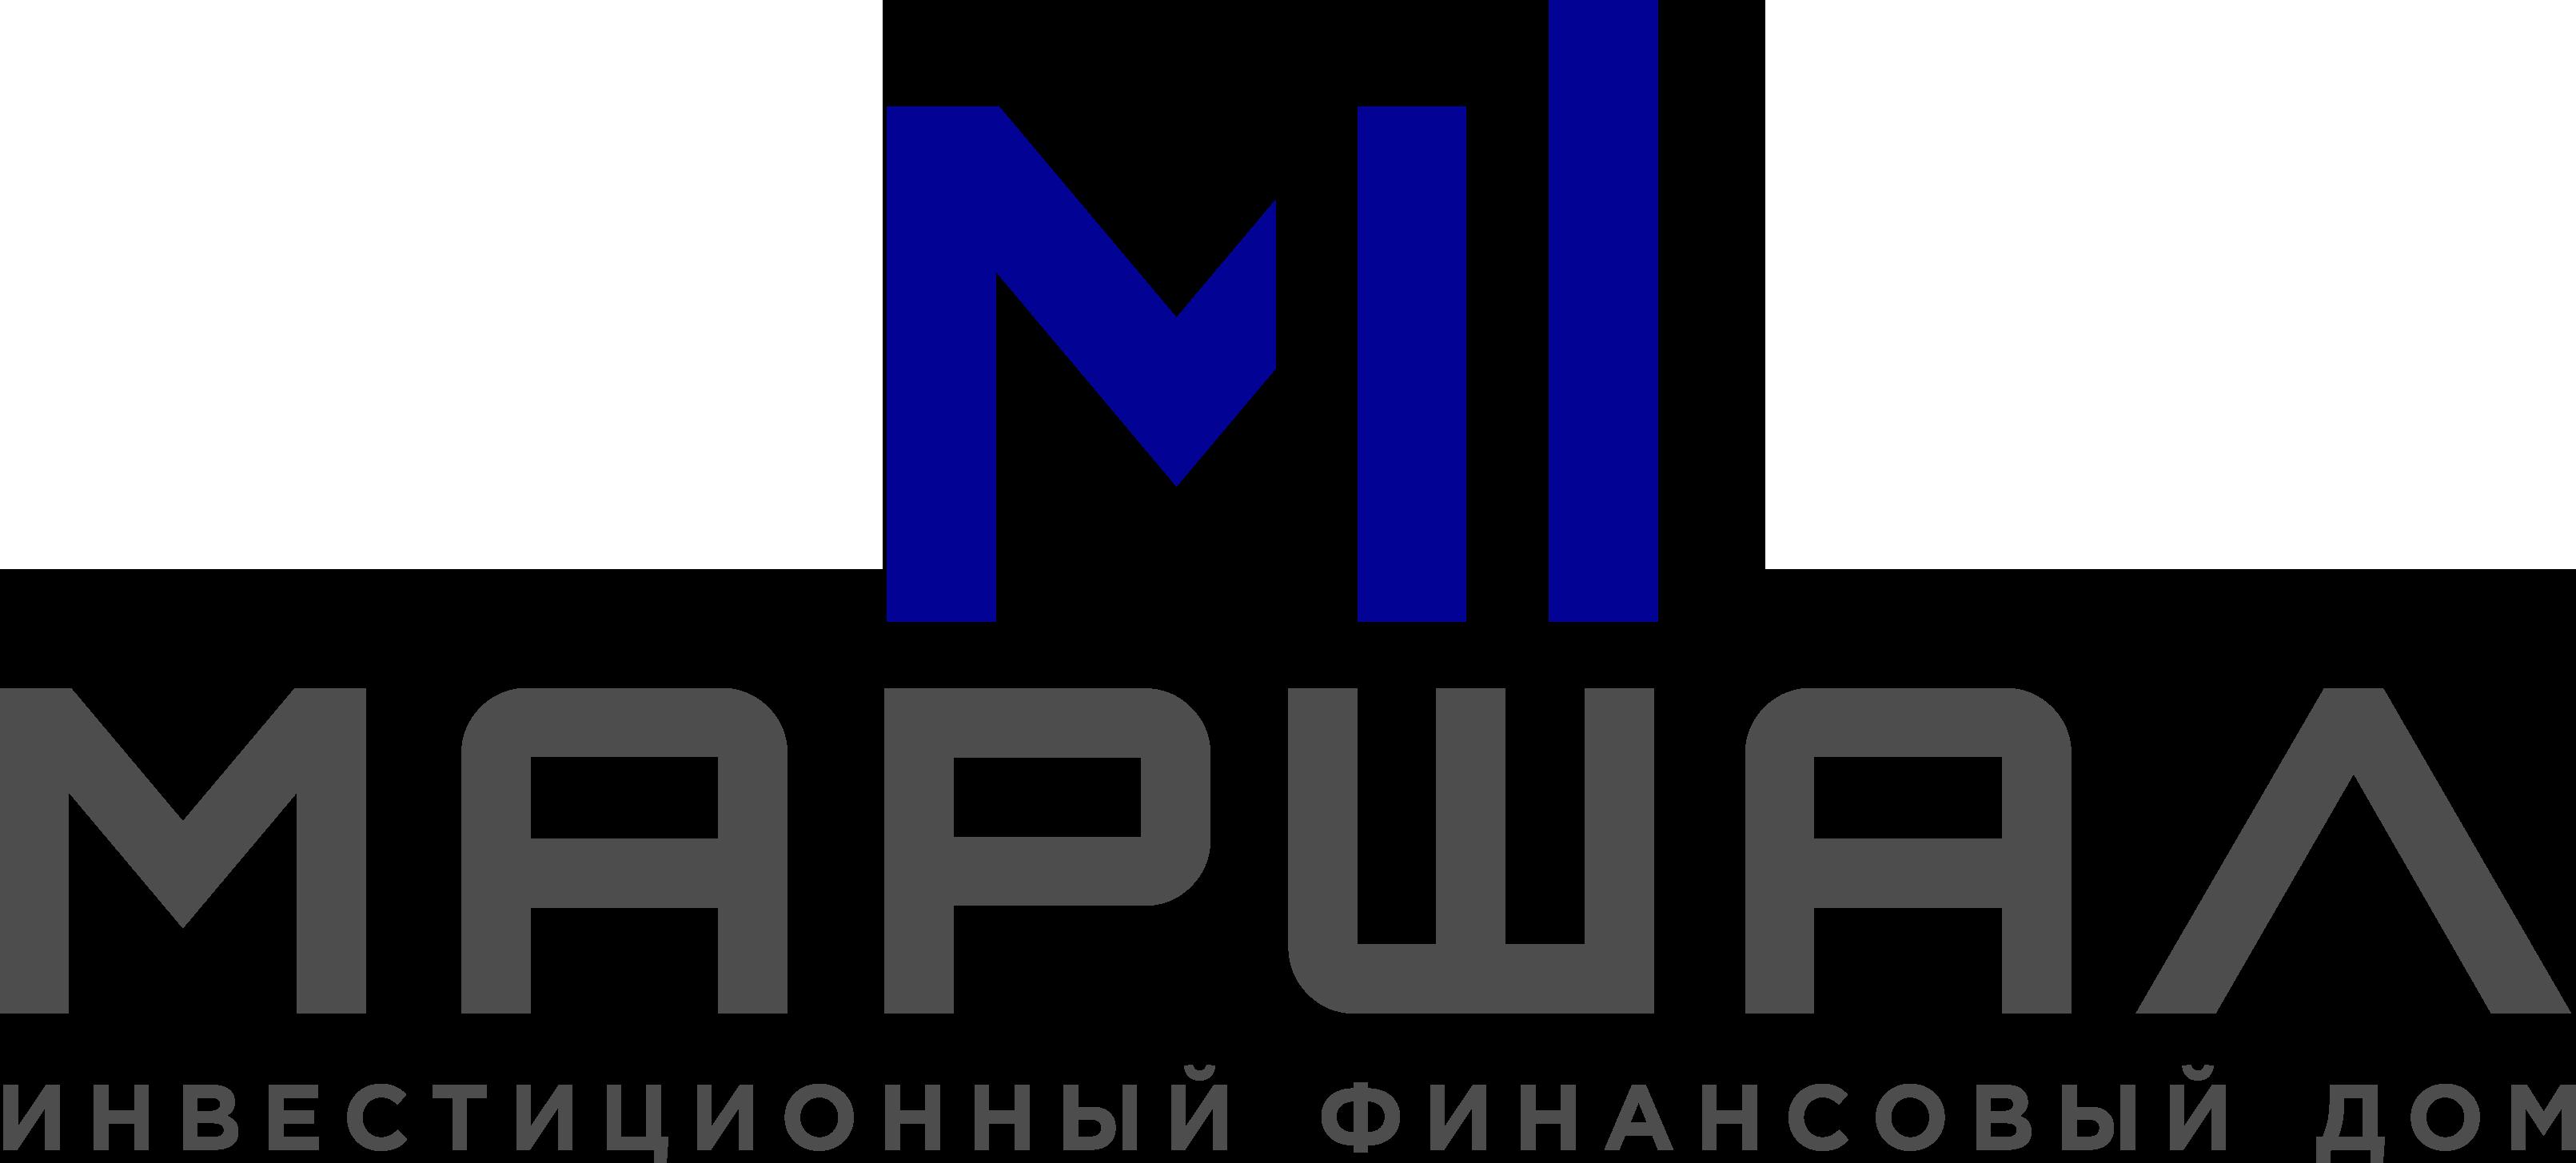 """Инвестиционный Финансовый Дом """"МАРШАЛ"""""""